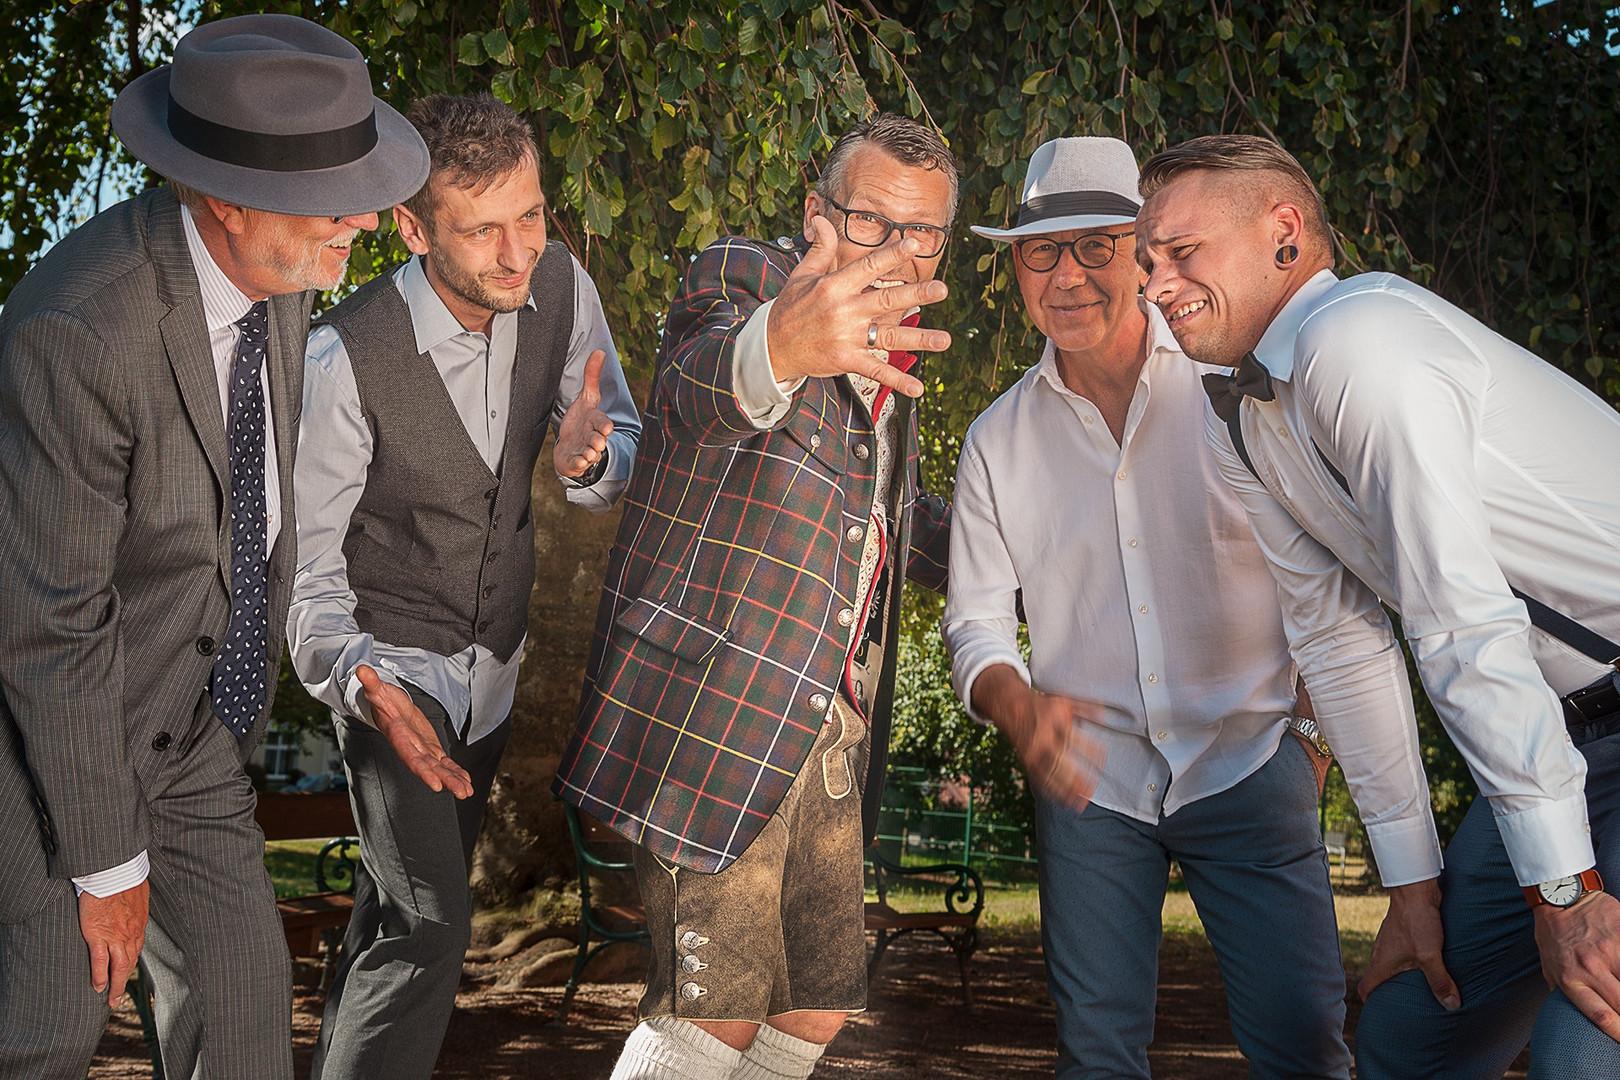 Hochzeitsfeier In Dahme Mark Mit Osterreichischer Tradition Photo